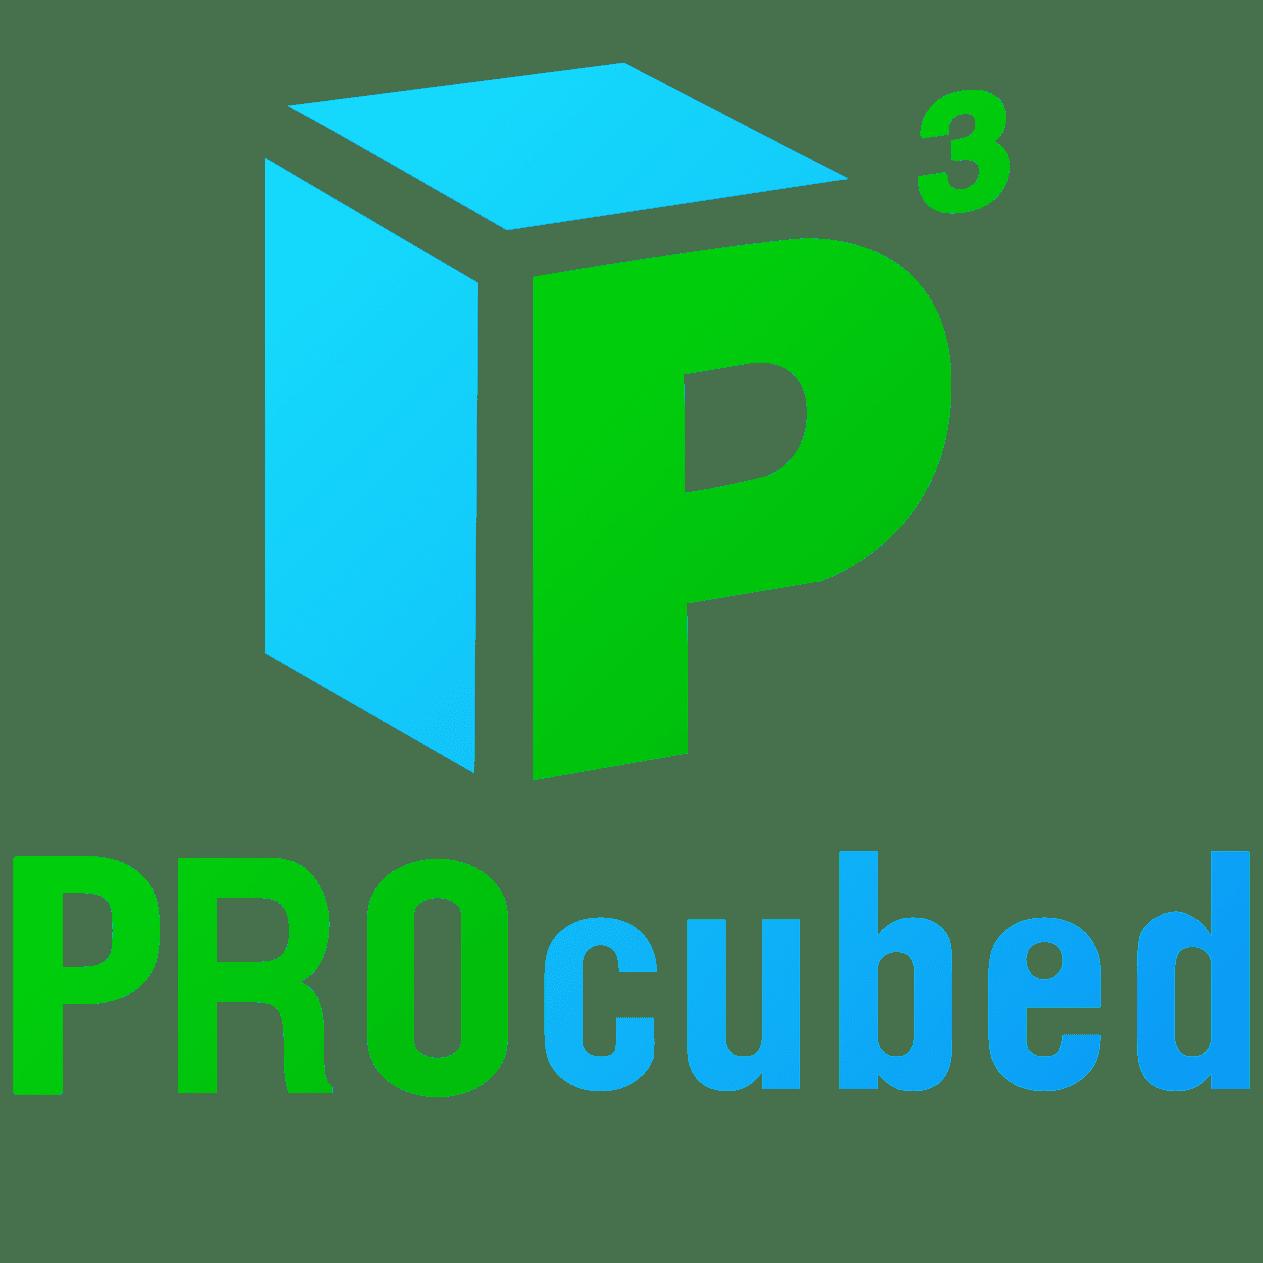 Procubed Inc